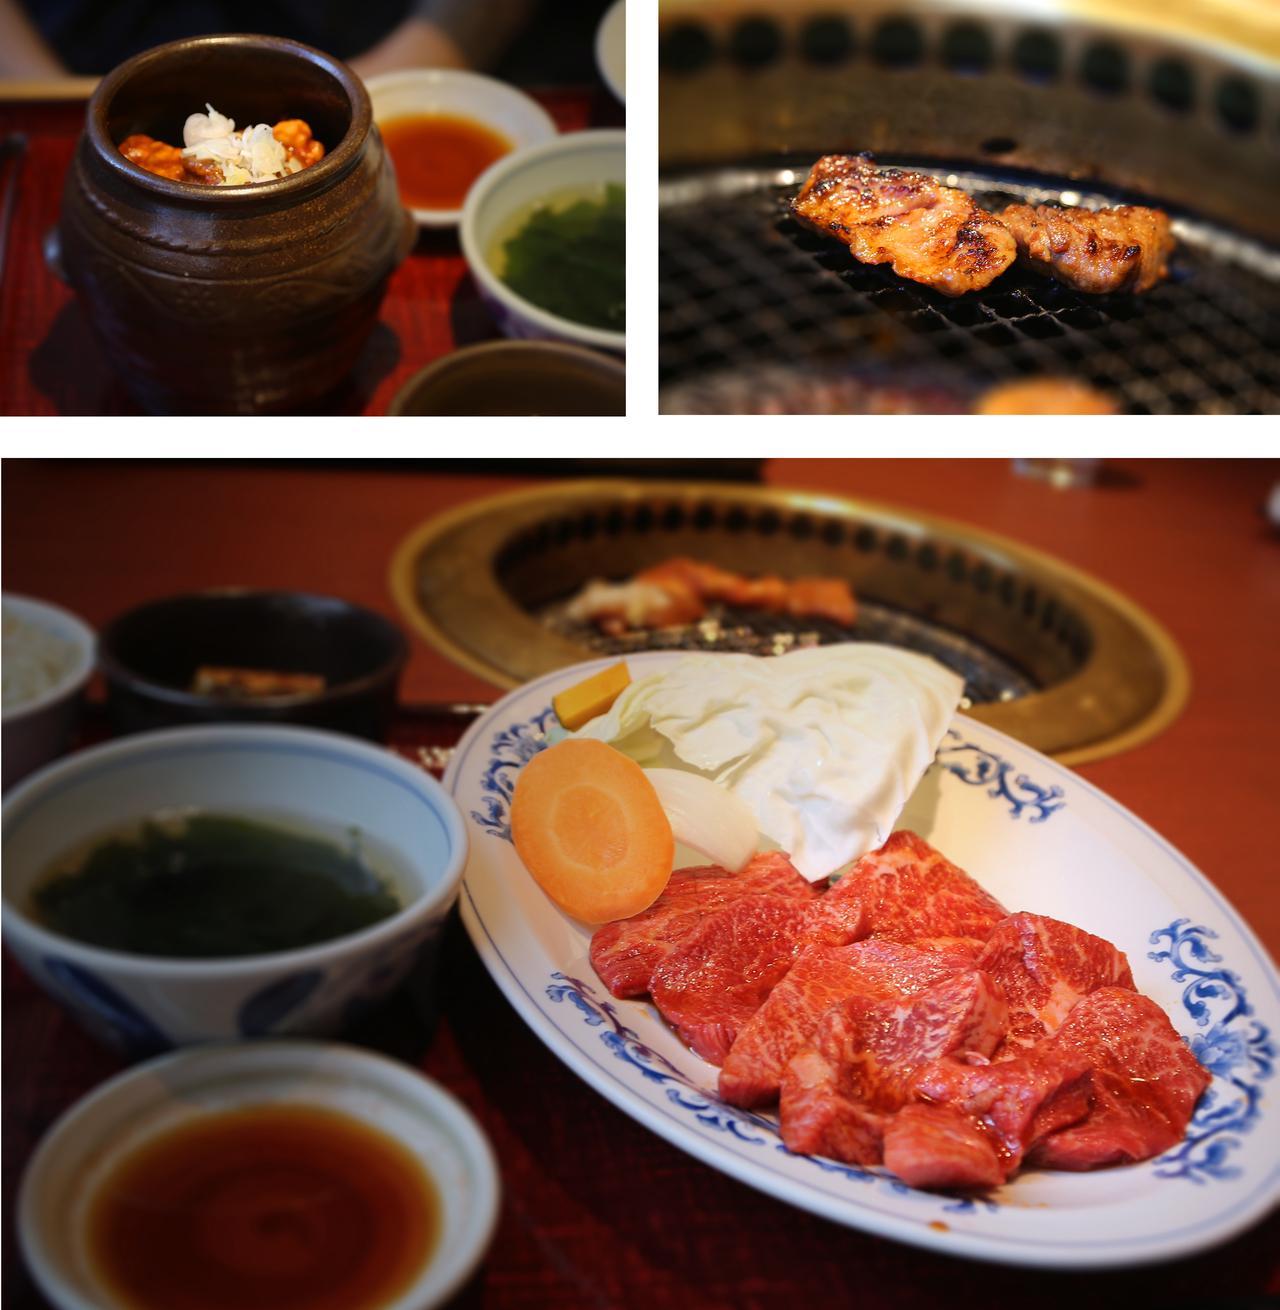 画像: 九州産の黒毛和牛の焼肉をお得に!